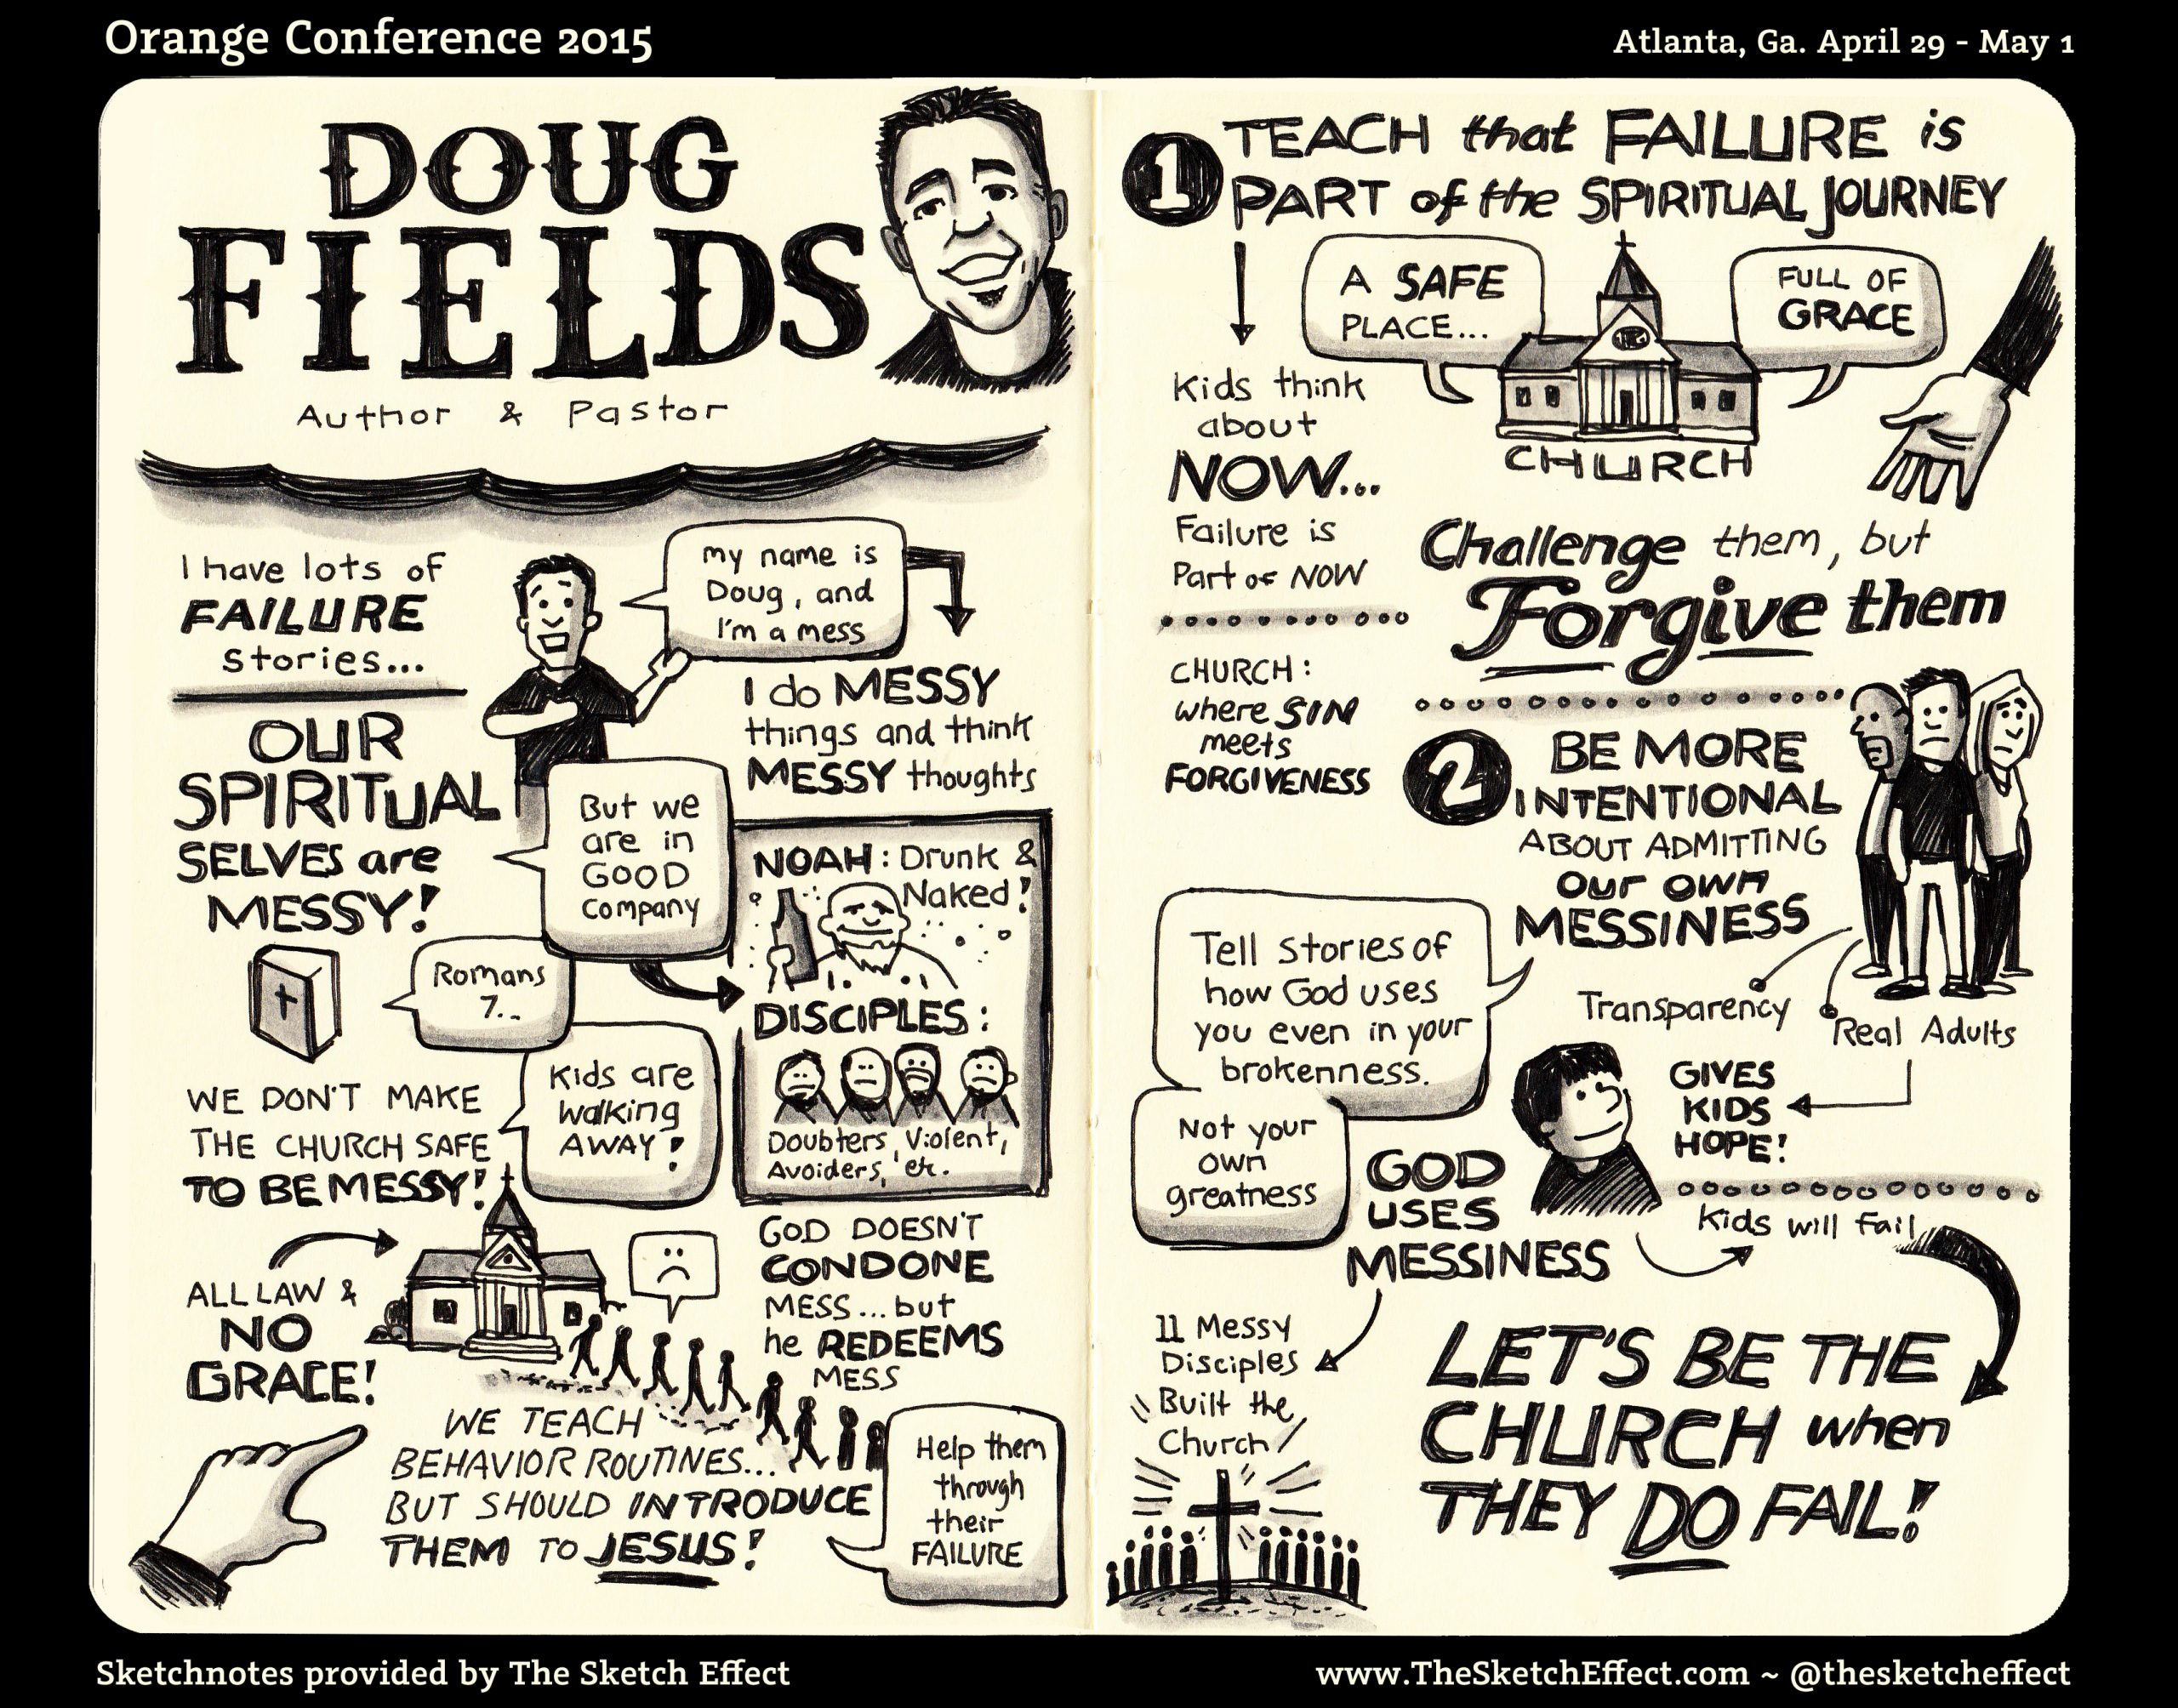 OrangeConference2015_Sketchnotes_DougFields